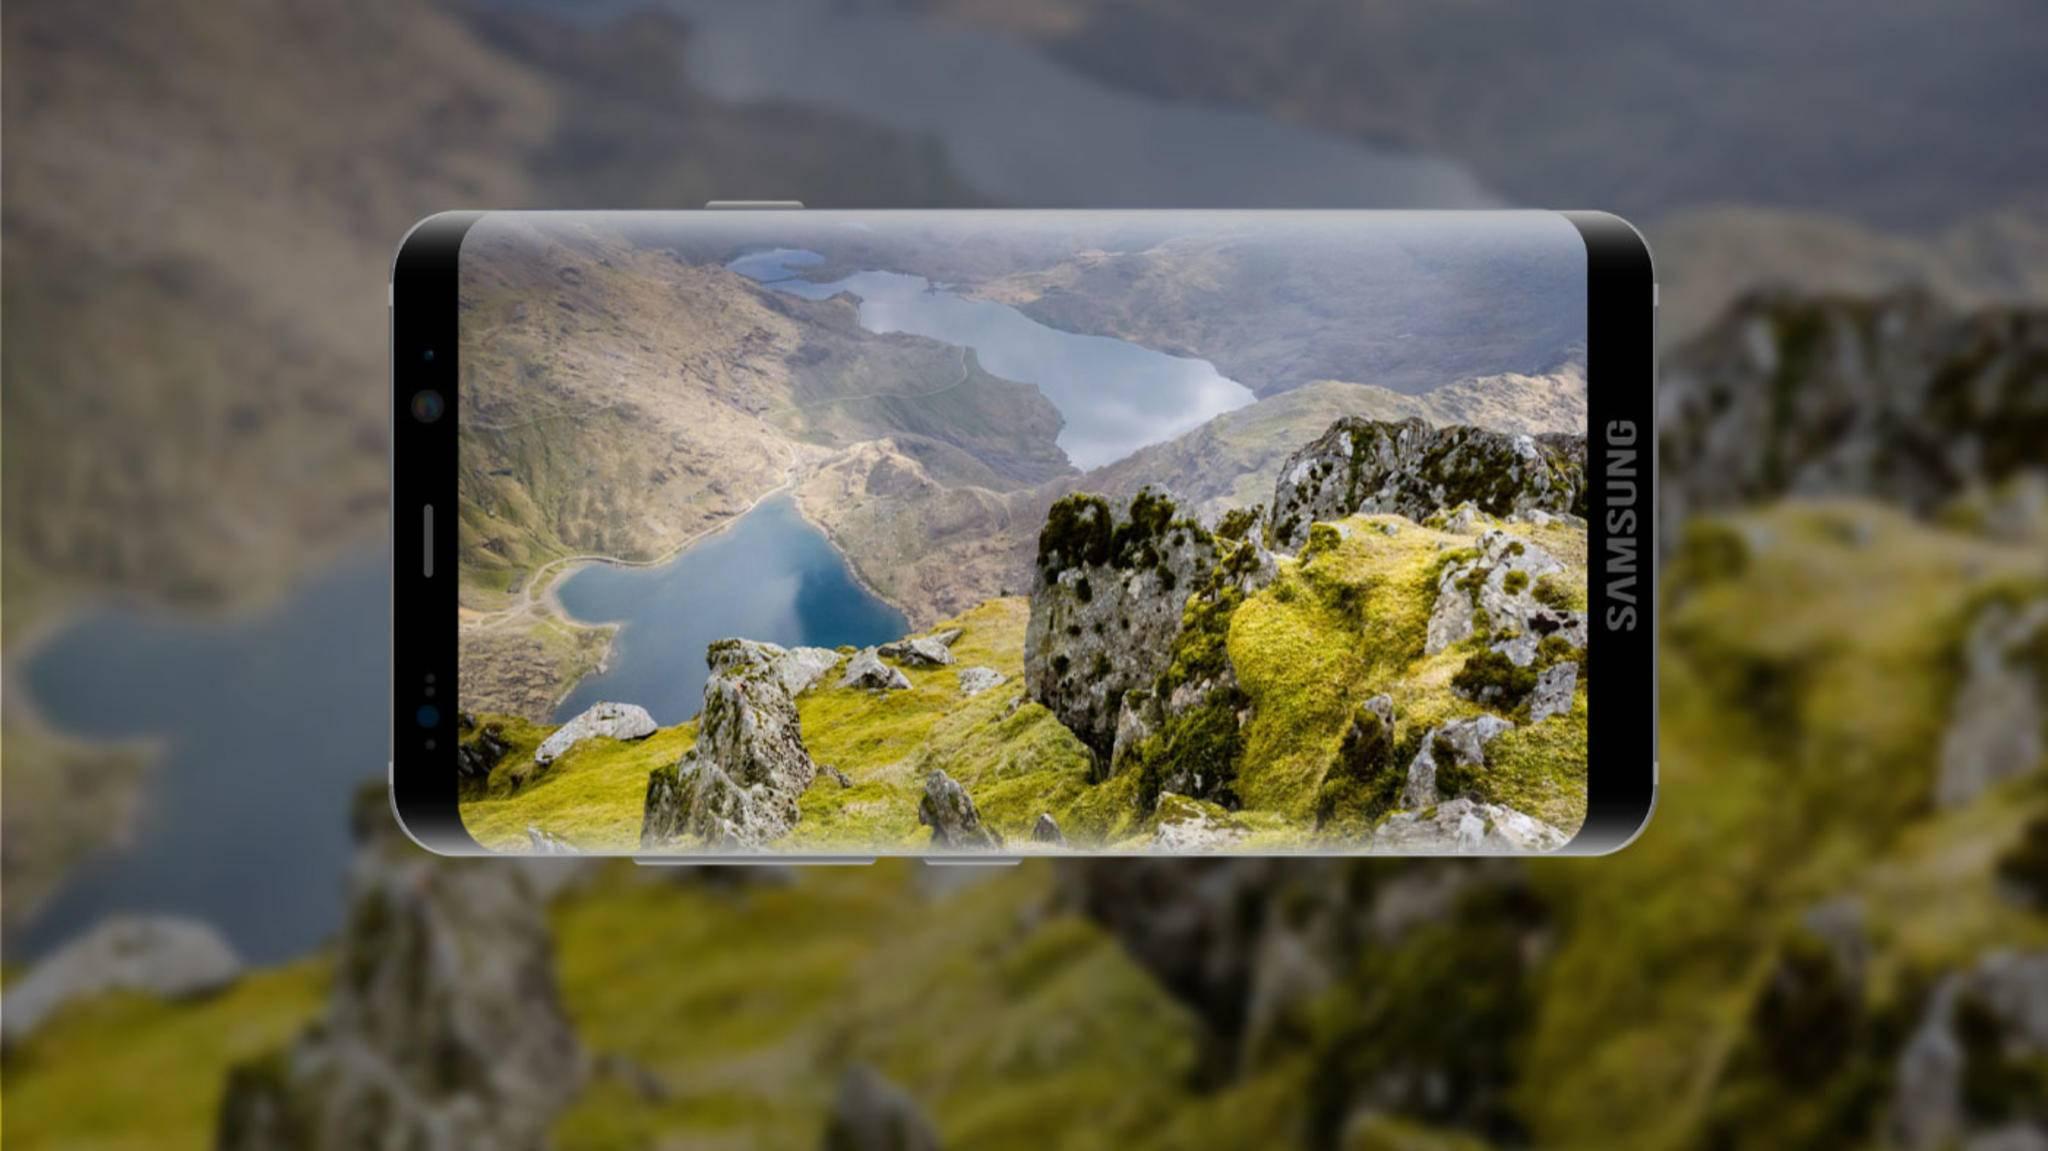 Die Gesichtserkennung beim Galaxy S9 soll zwar schneller, aber wohl nicht sicherer werden.